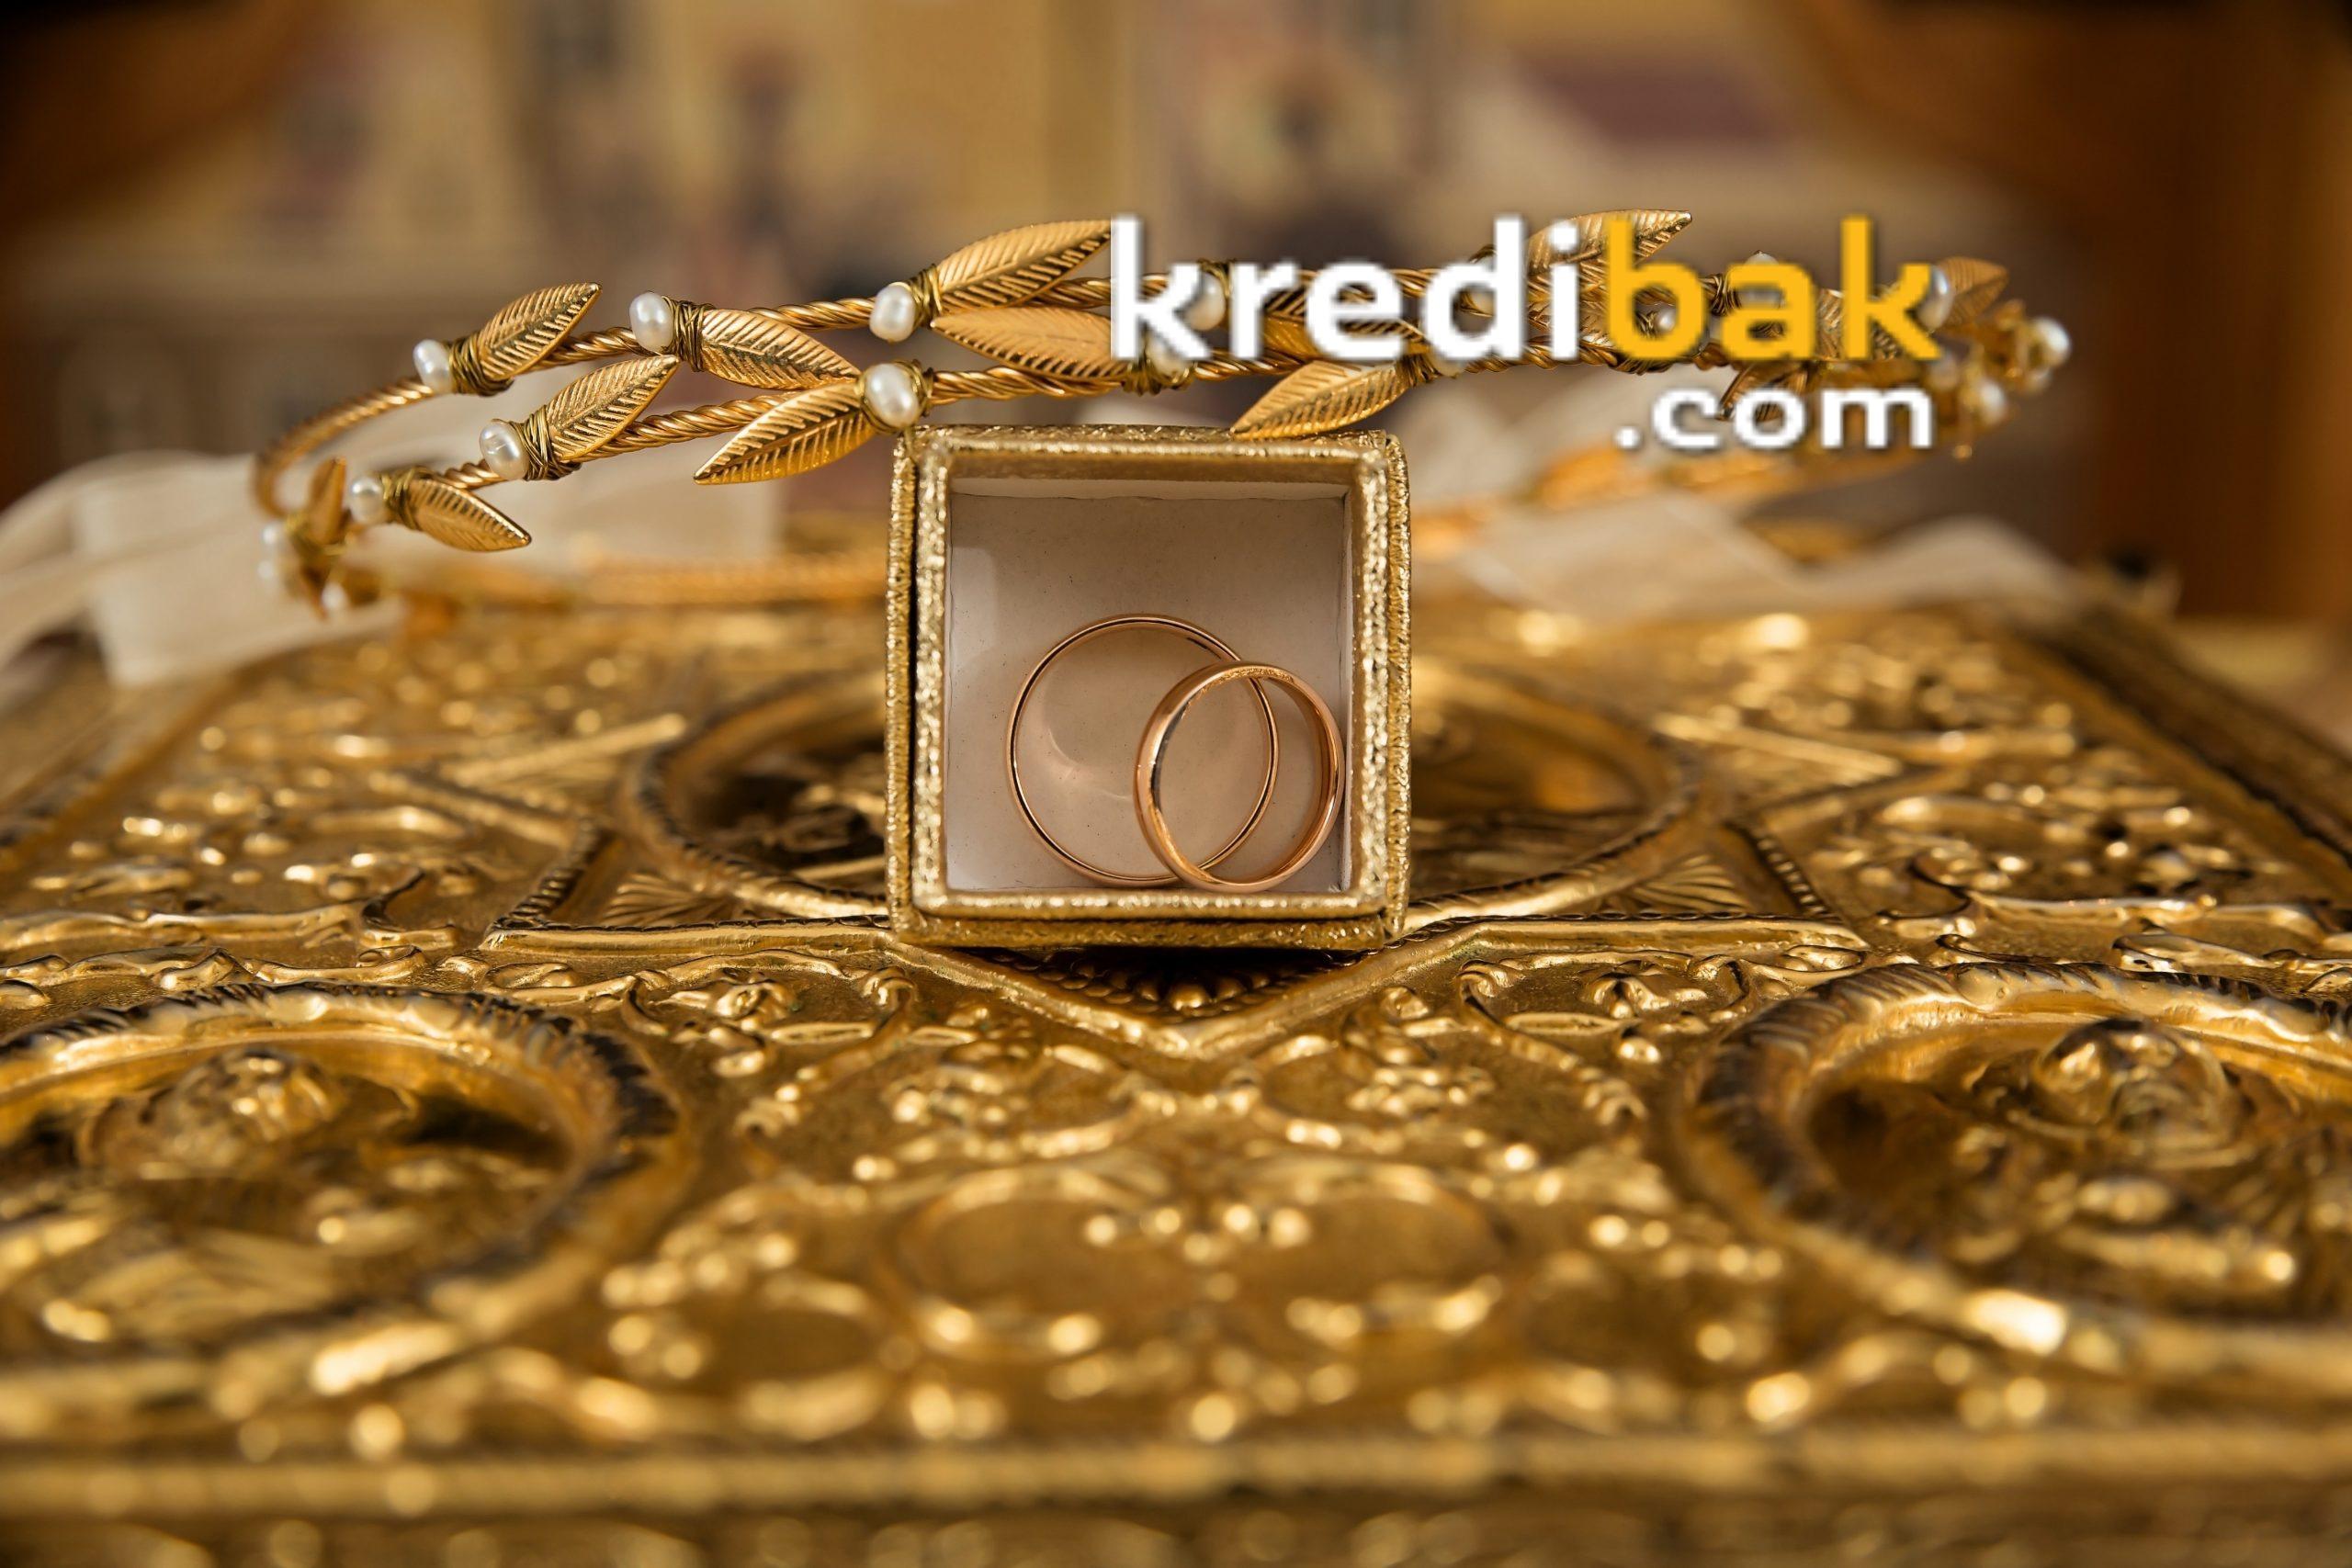 İnternet Bankacılığından Altın Alınır Mı?